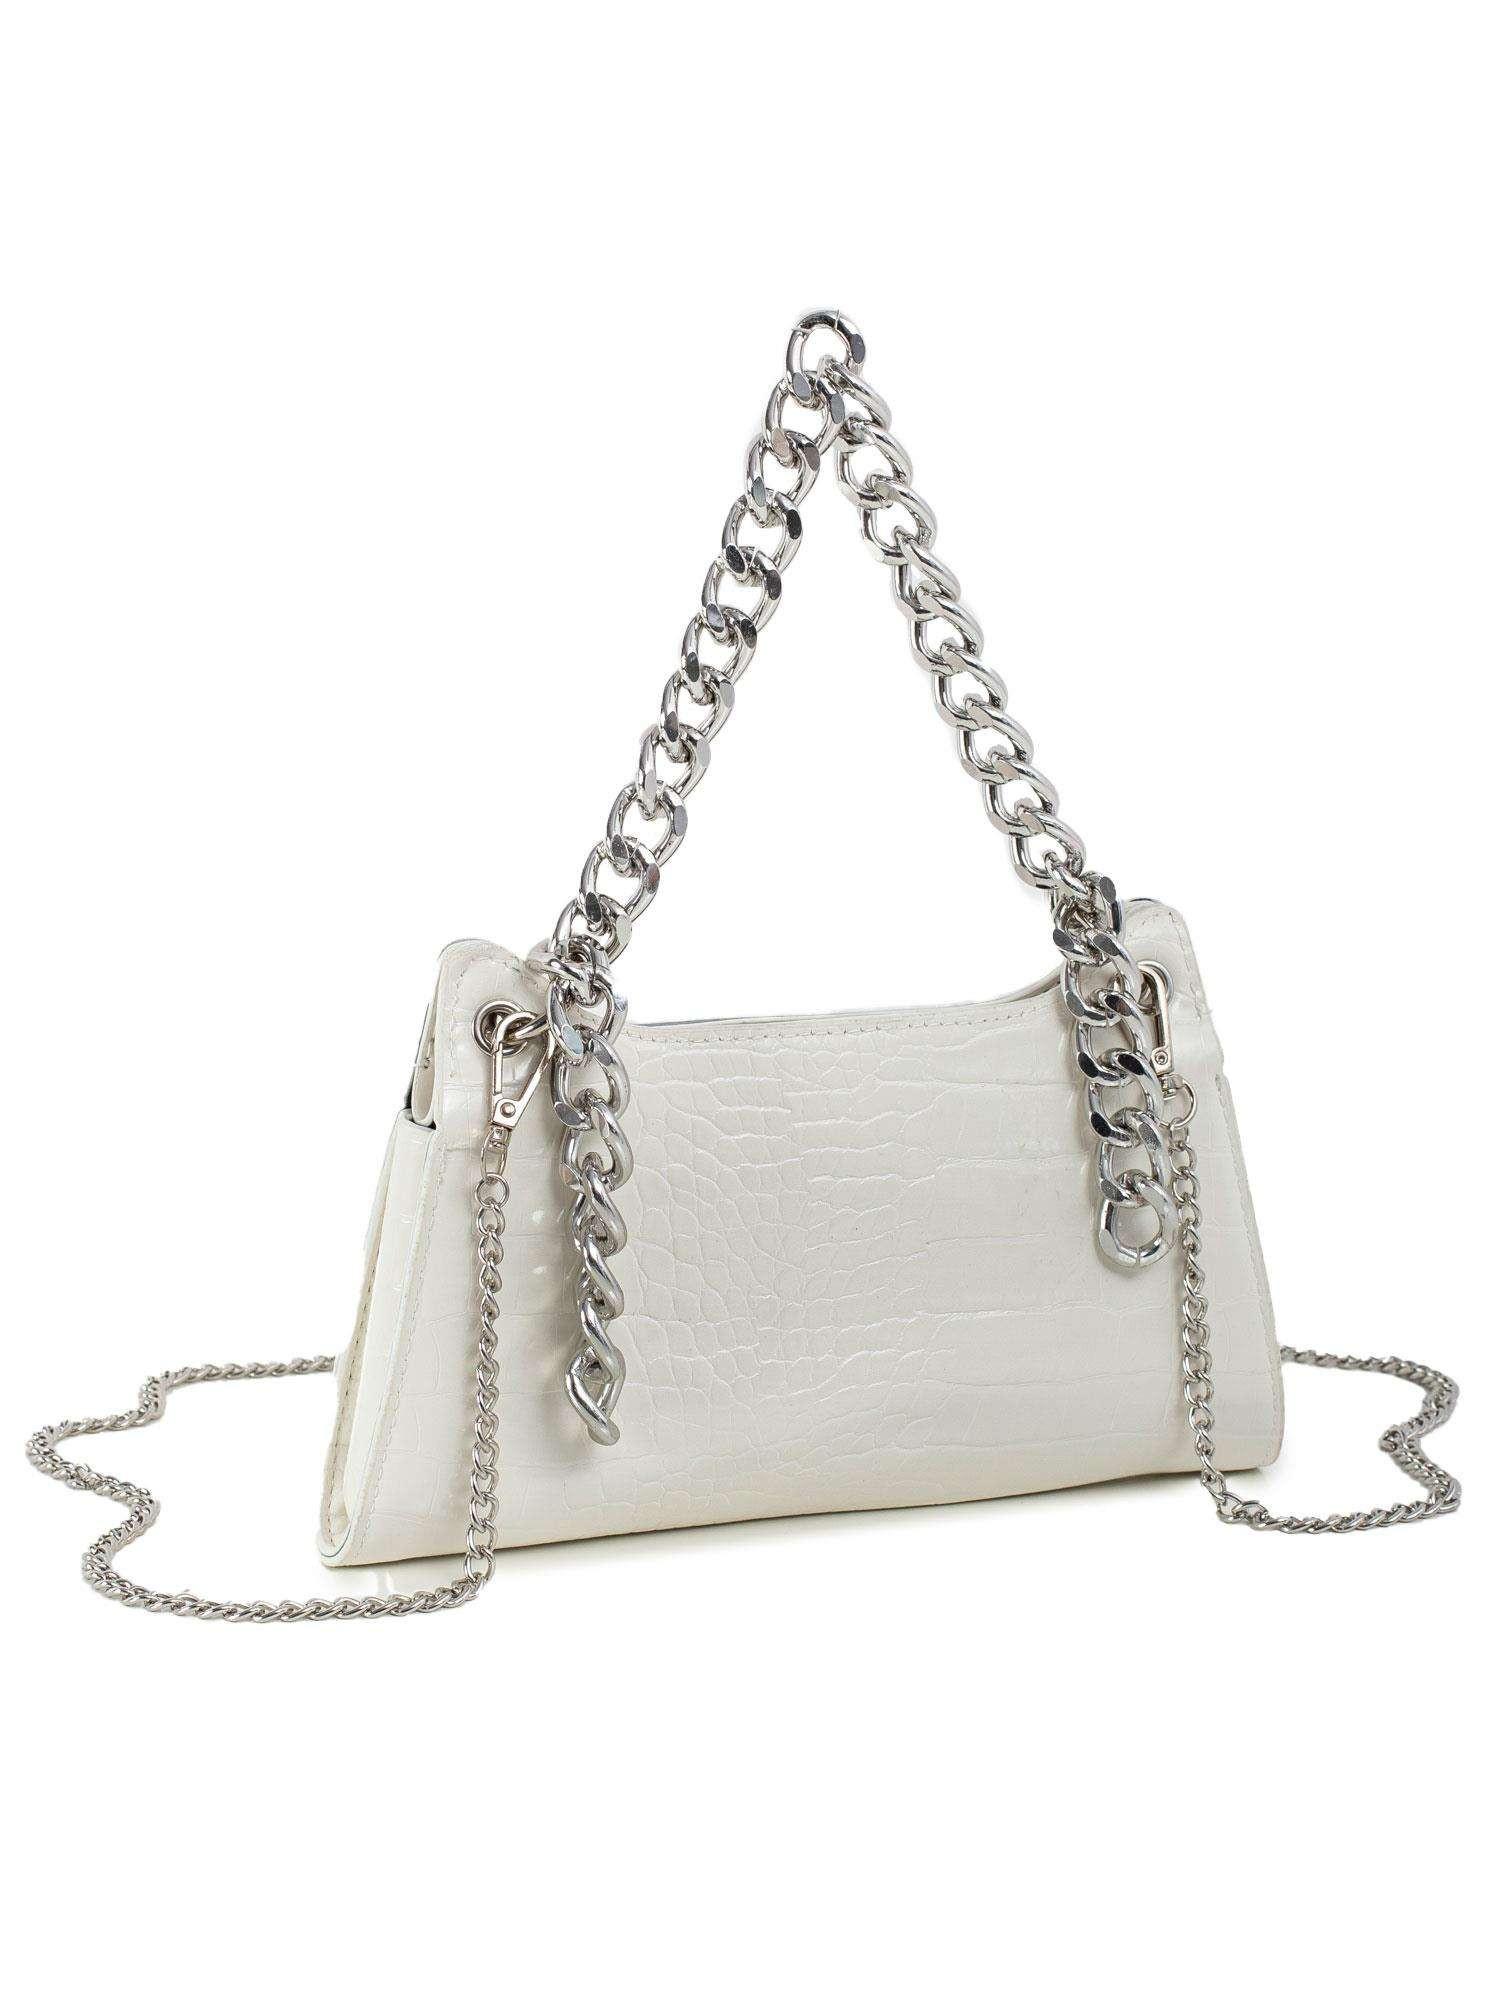 Bílá kabelka z ekologické kůže jedna velikost